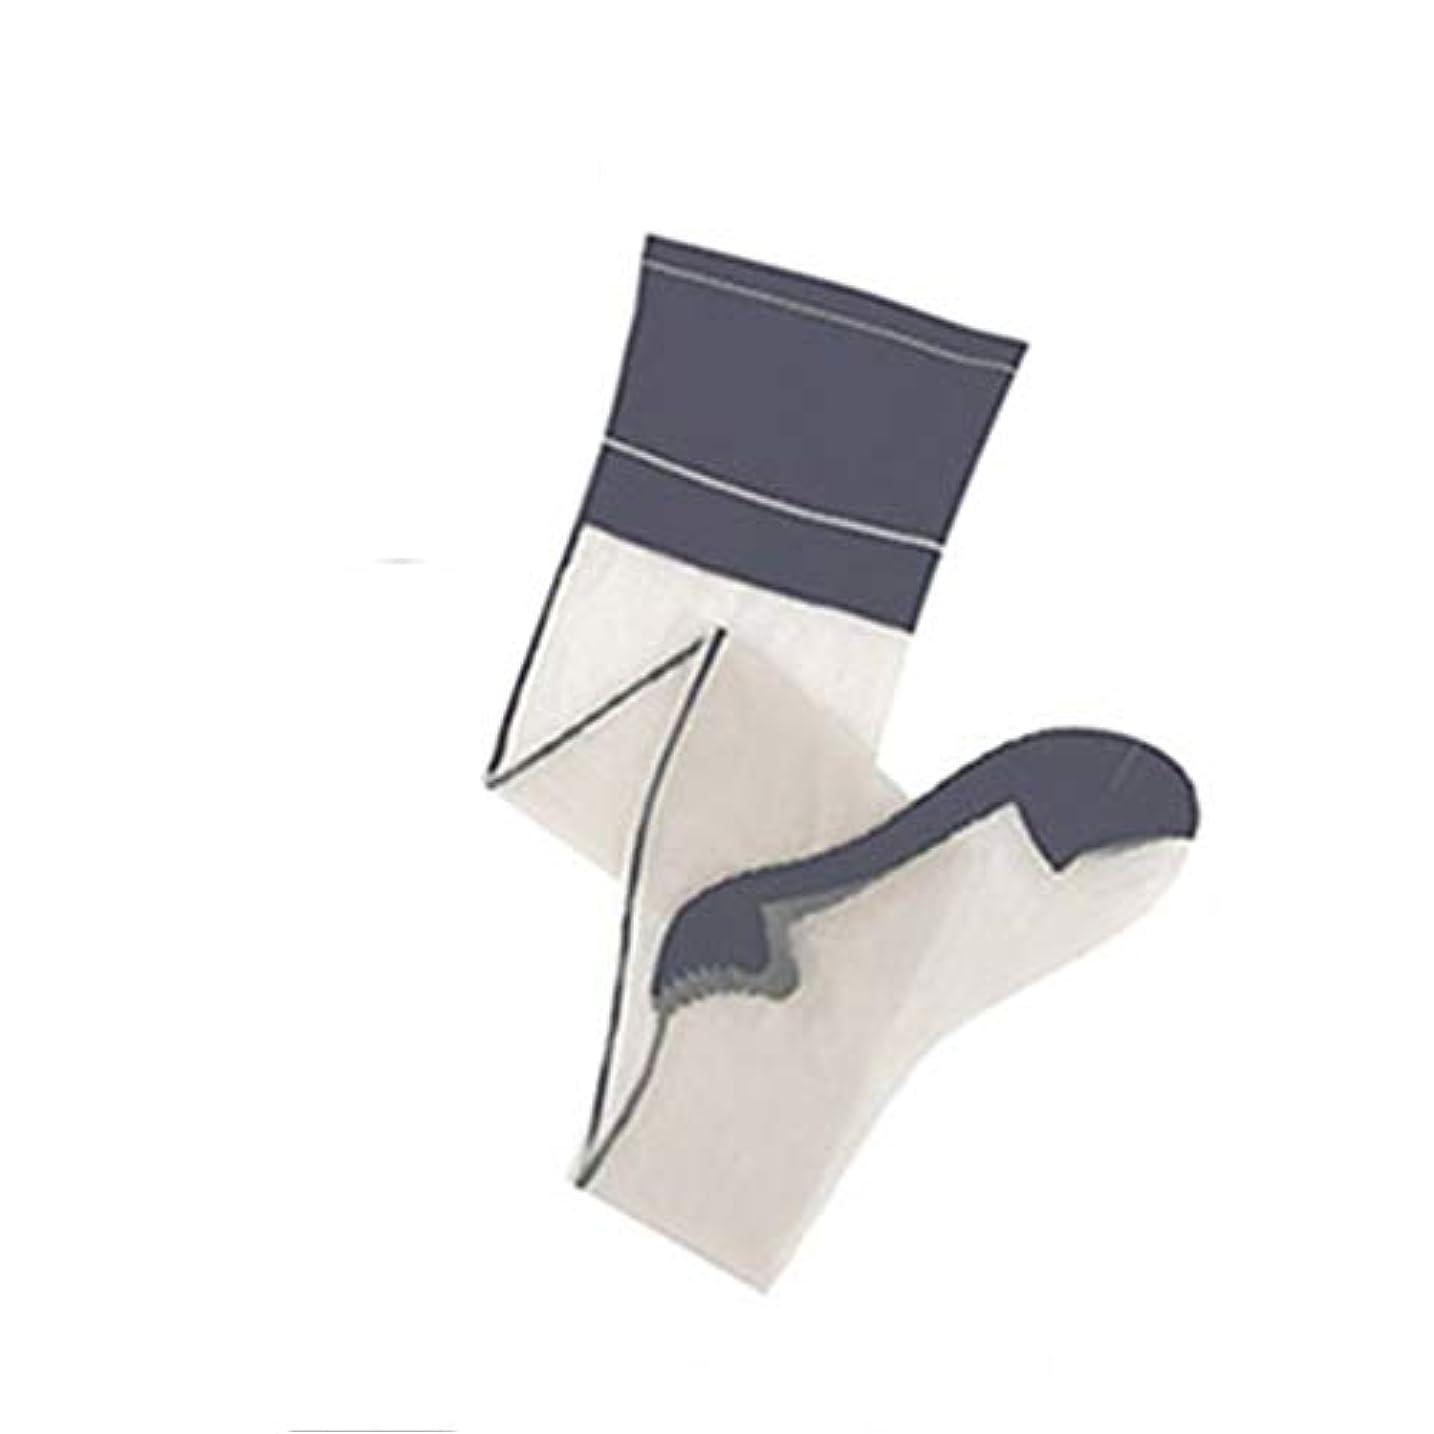 キャプションアレンジ壁紙女性のランジェリーレトロなバックラインシーム日本スタイルの腿の高いメディアシュ透明シャインストッキングのホットパッチワークセクシーなストッキング